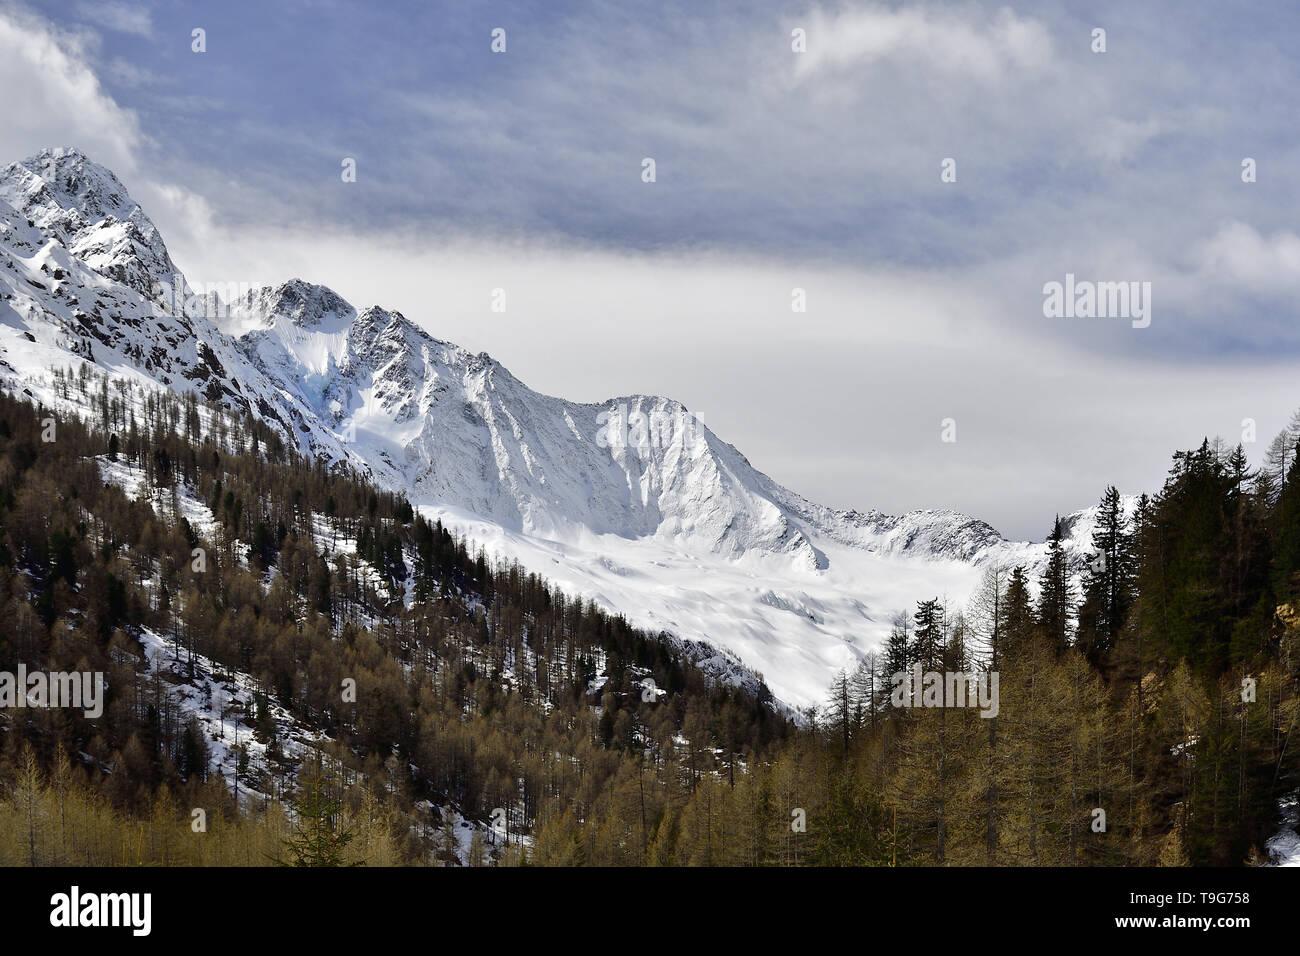 Picture of the Disgrazia hanging glacier in Chiareggio Valley in Rhaetian Alps - Stock Image